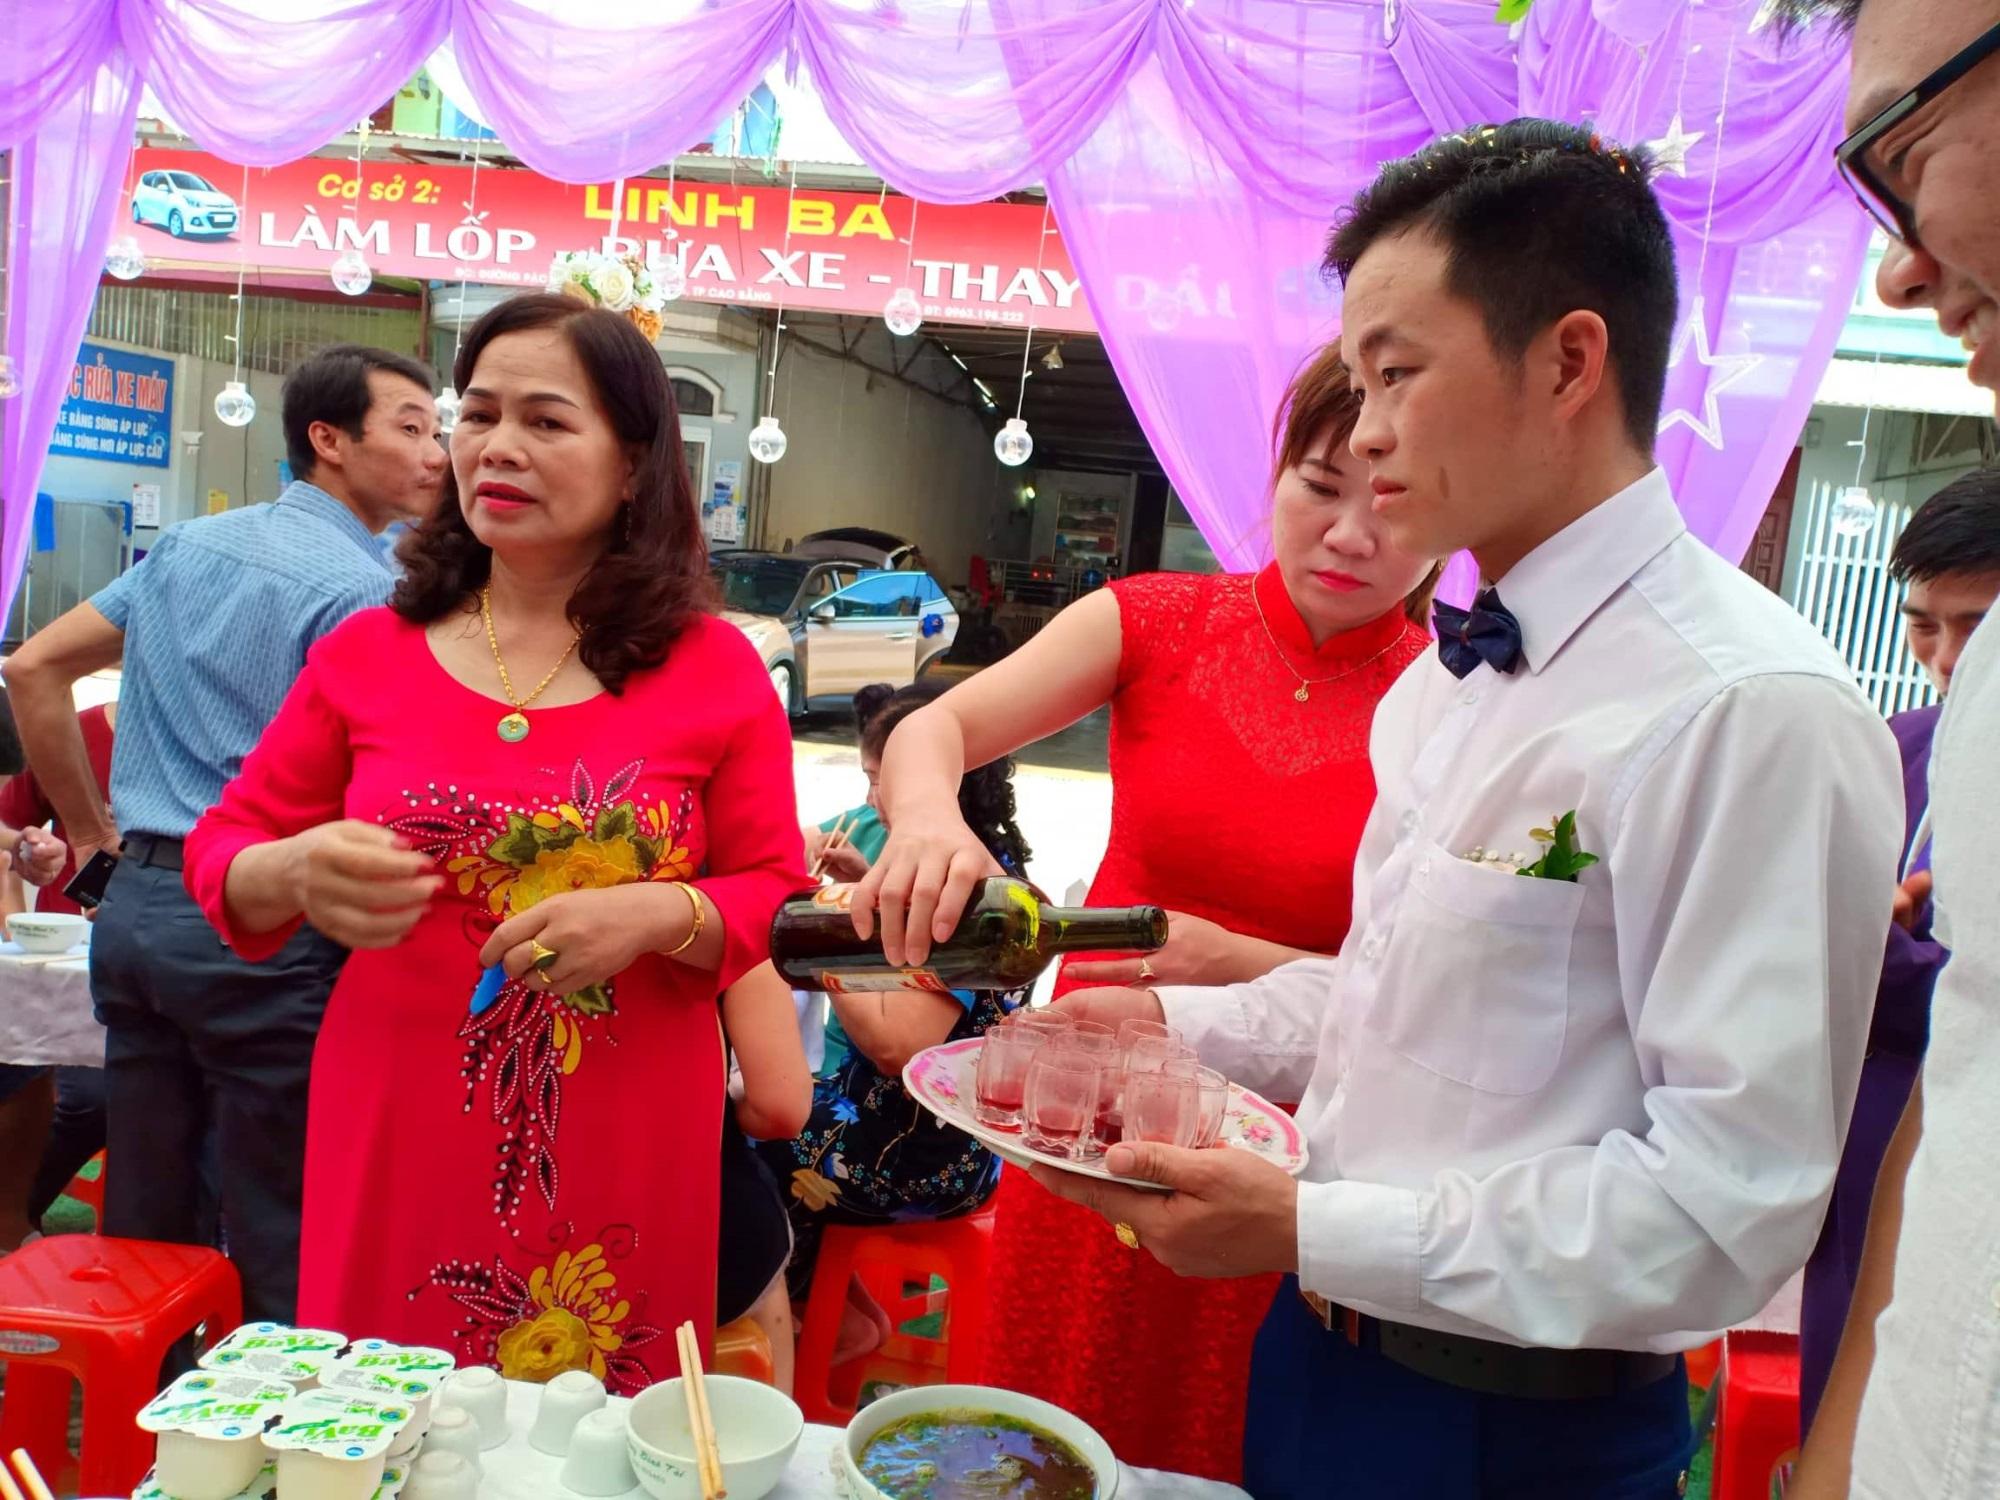 Chú rể 26 ở Cao Bằng căng thẳng trong đám cưới cô dâu 61 tuổi - Ảnh 6